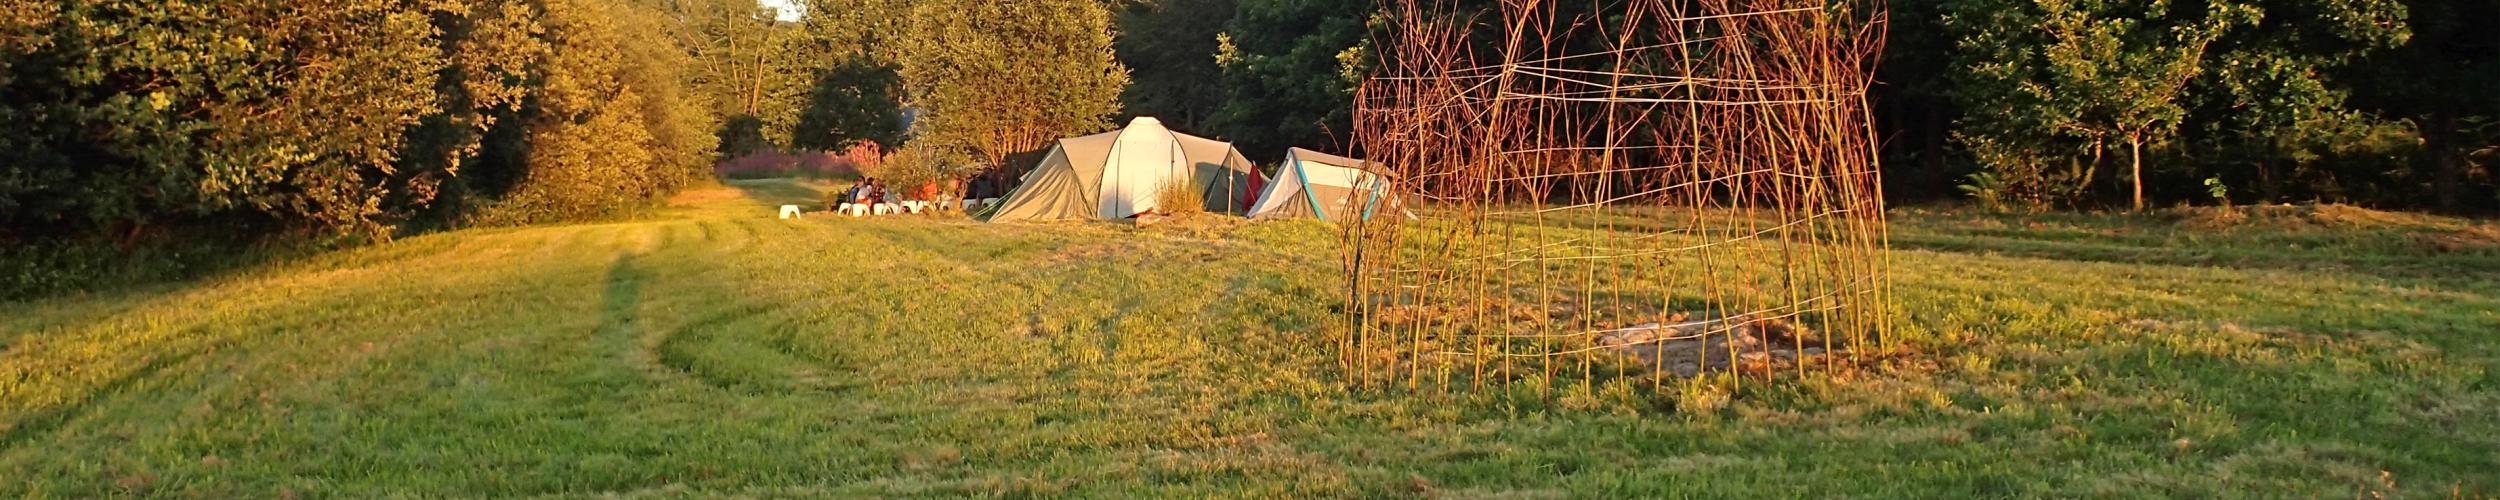 Vlakbij de familiale camping La Grande Roche ligt de speelweide met wilgentent